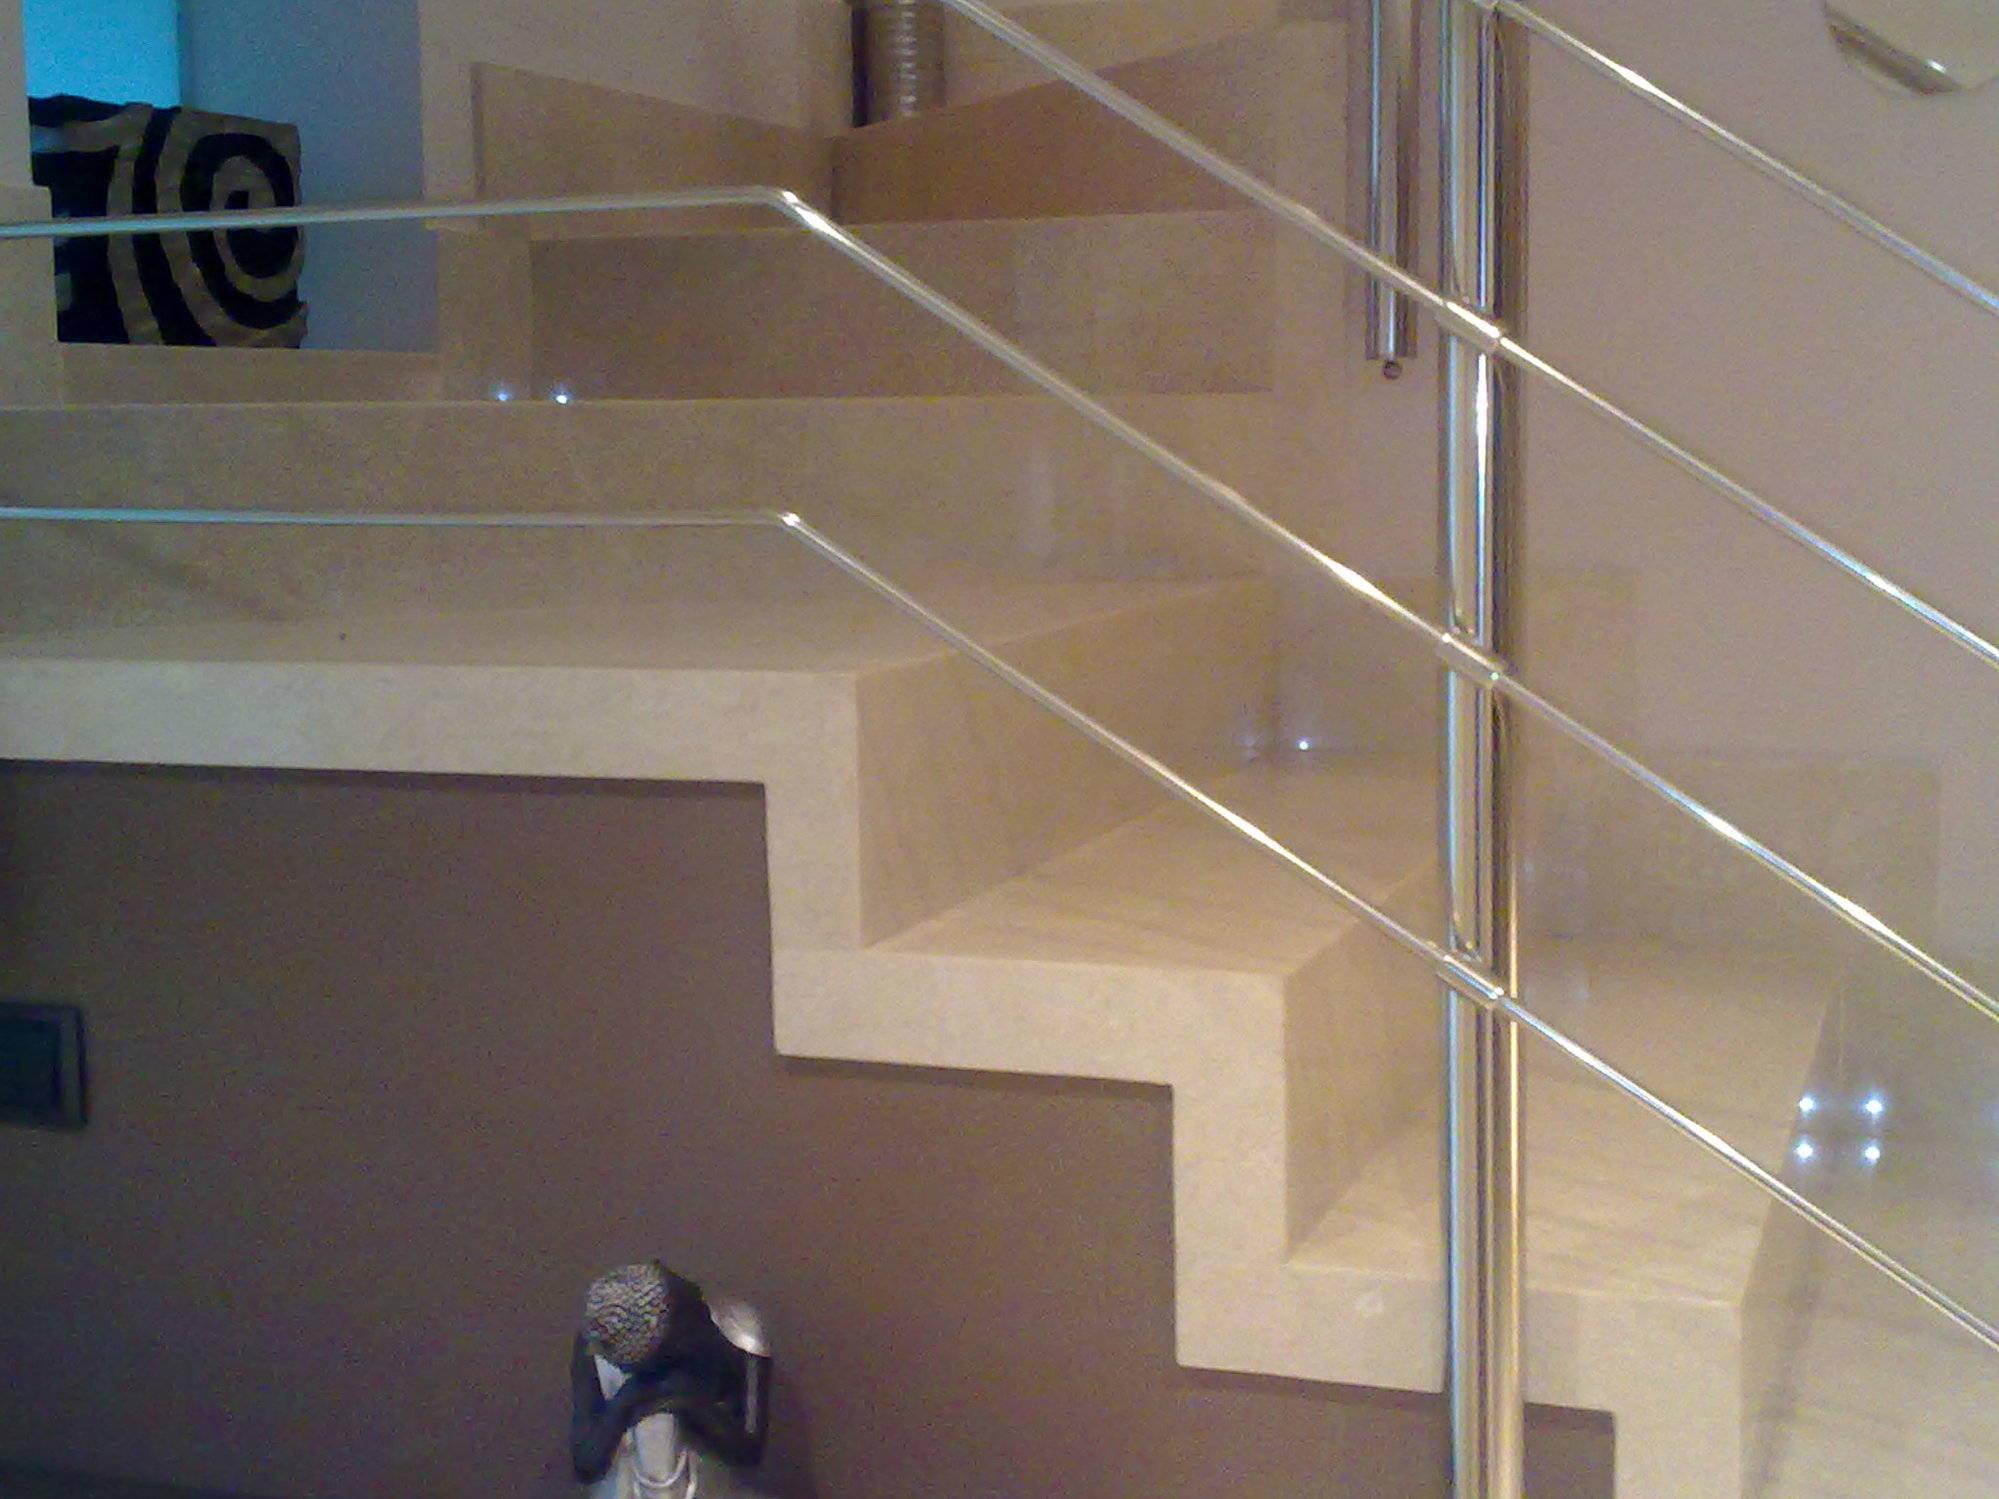 Proyectos escaleras marmoles arnal tienda de marmoles en n quera valencia - Marmoles valencia ...